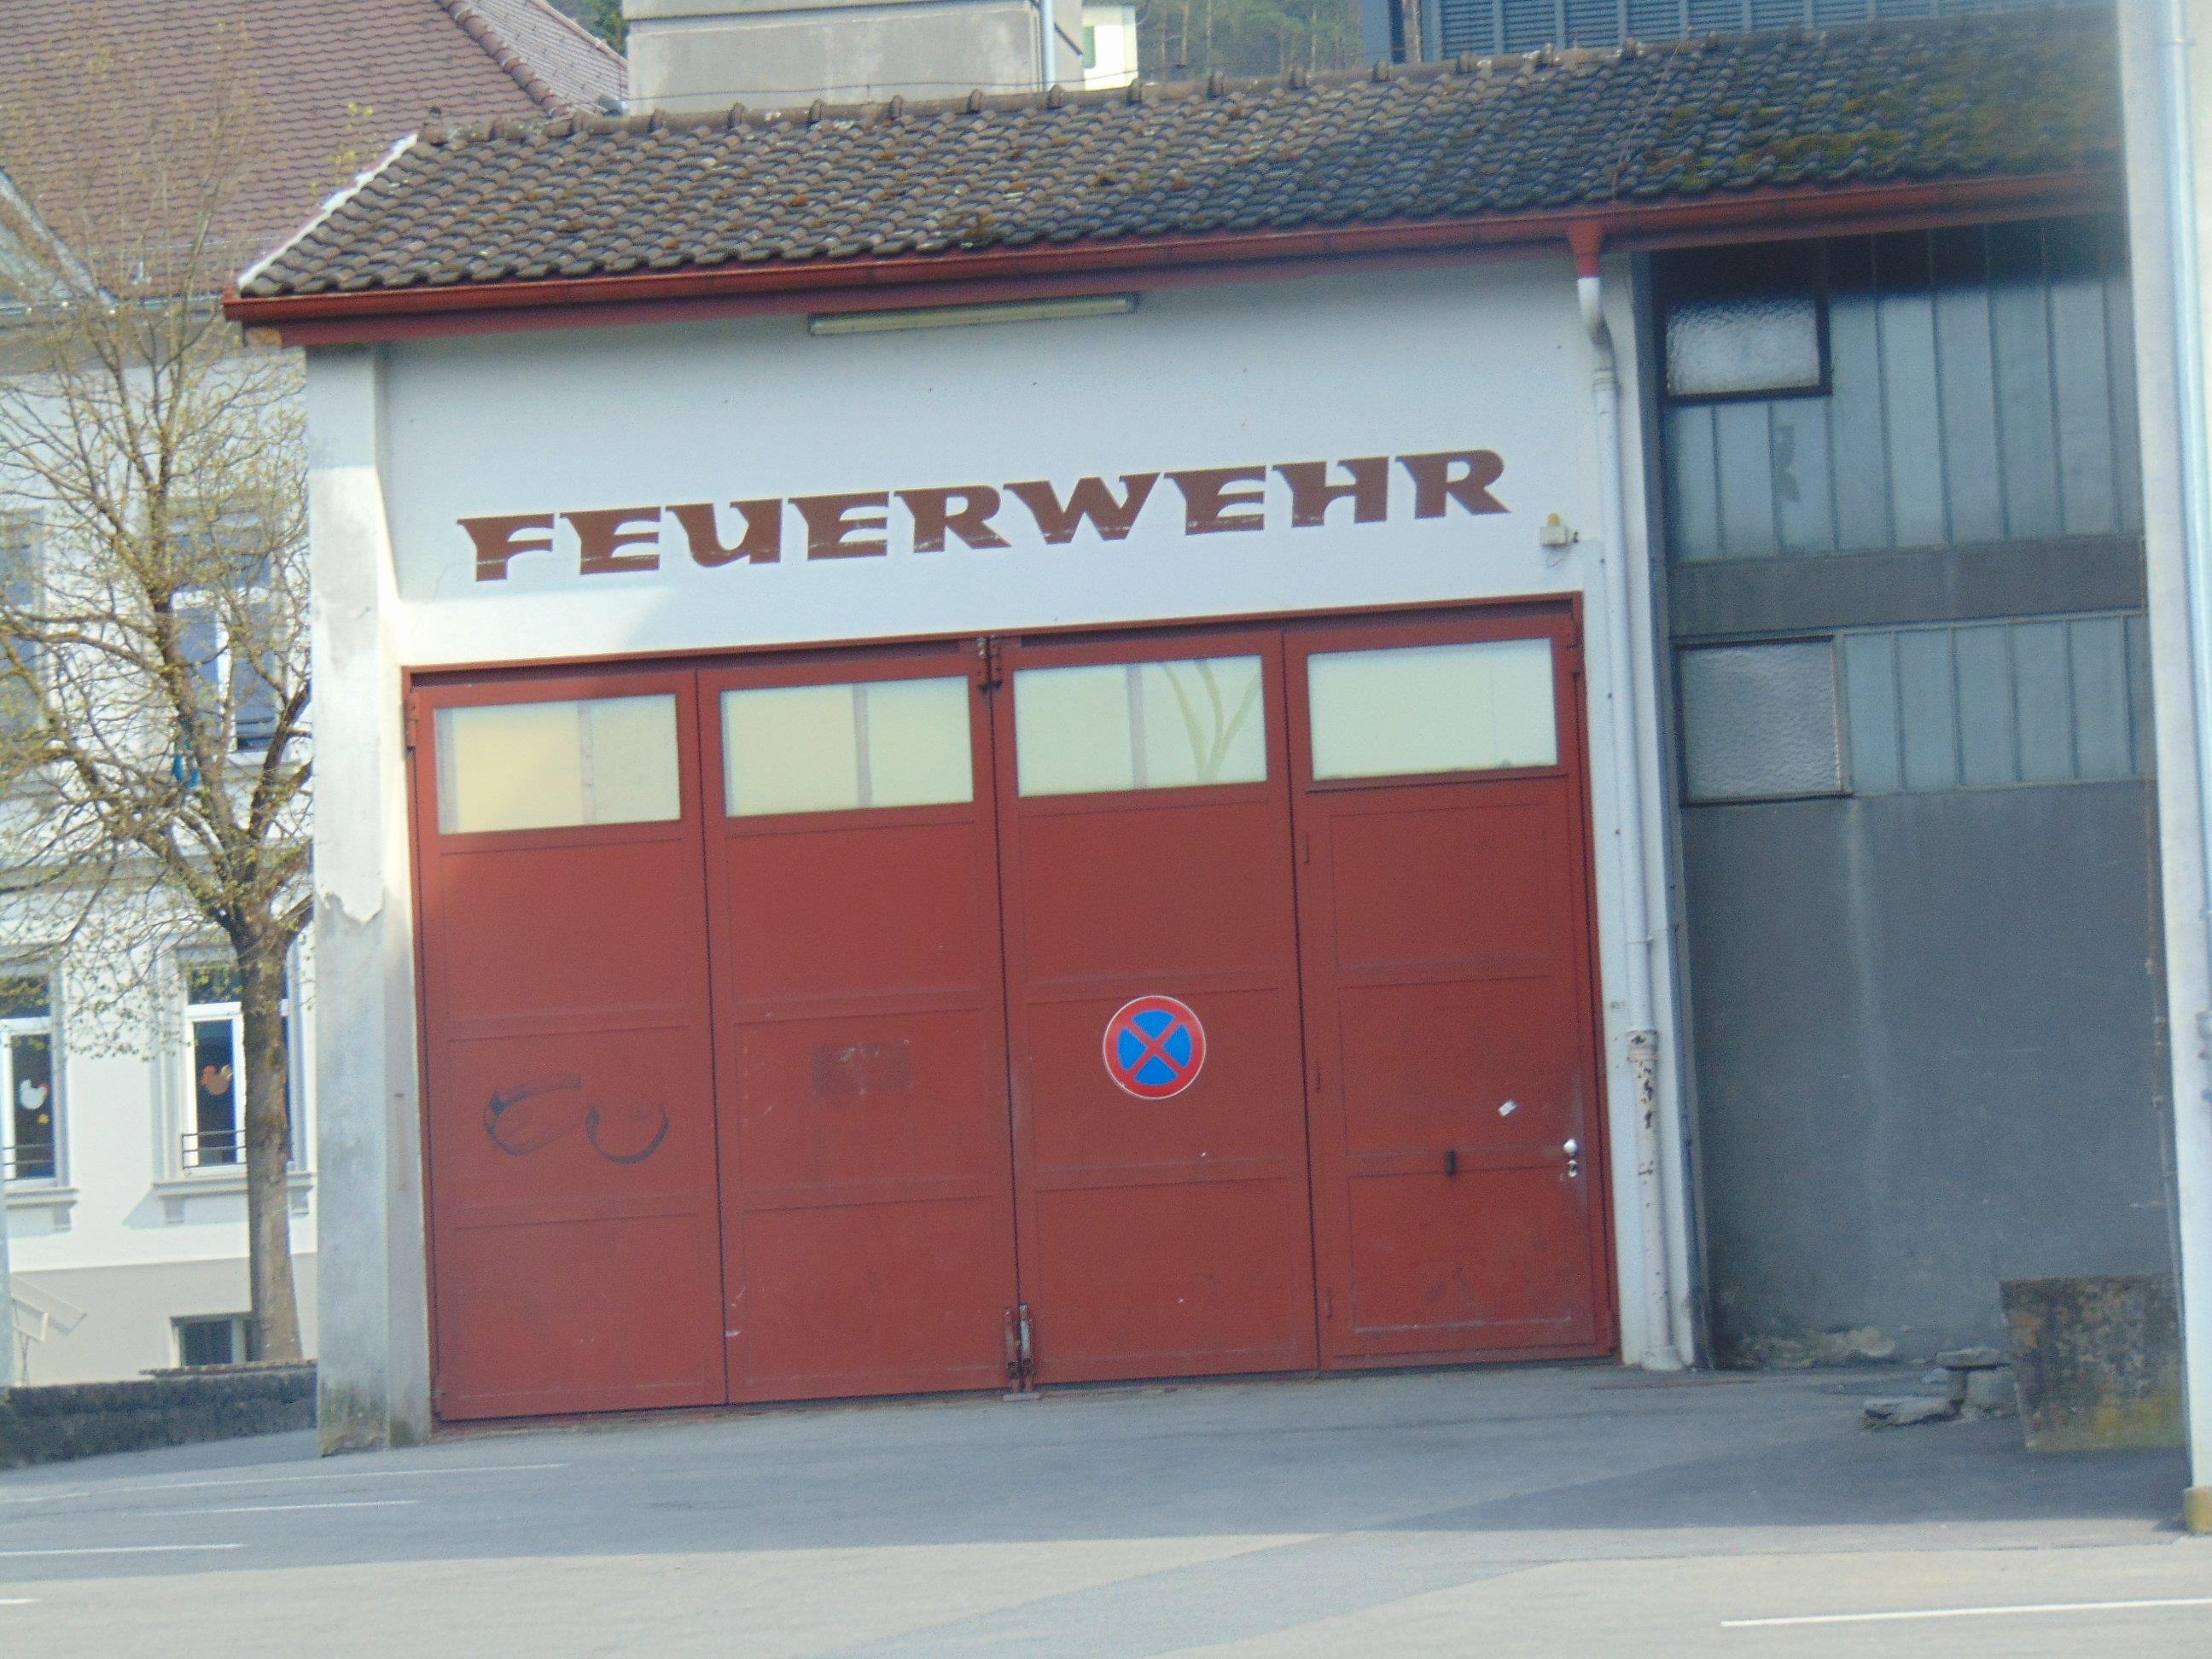 Die Feuerwehr Weiler leistet schnelle und effiziente Hilfe